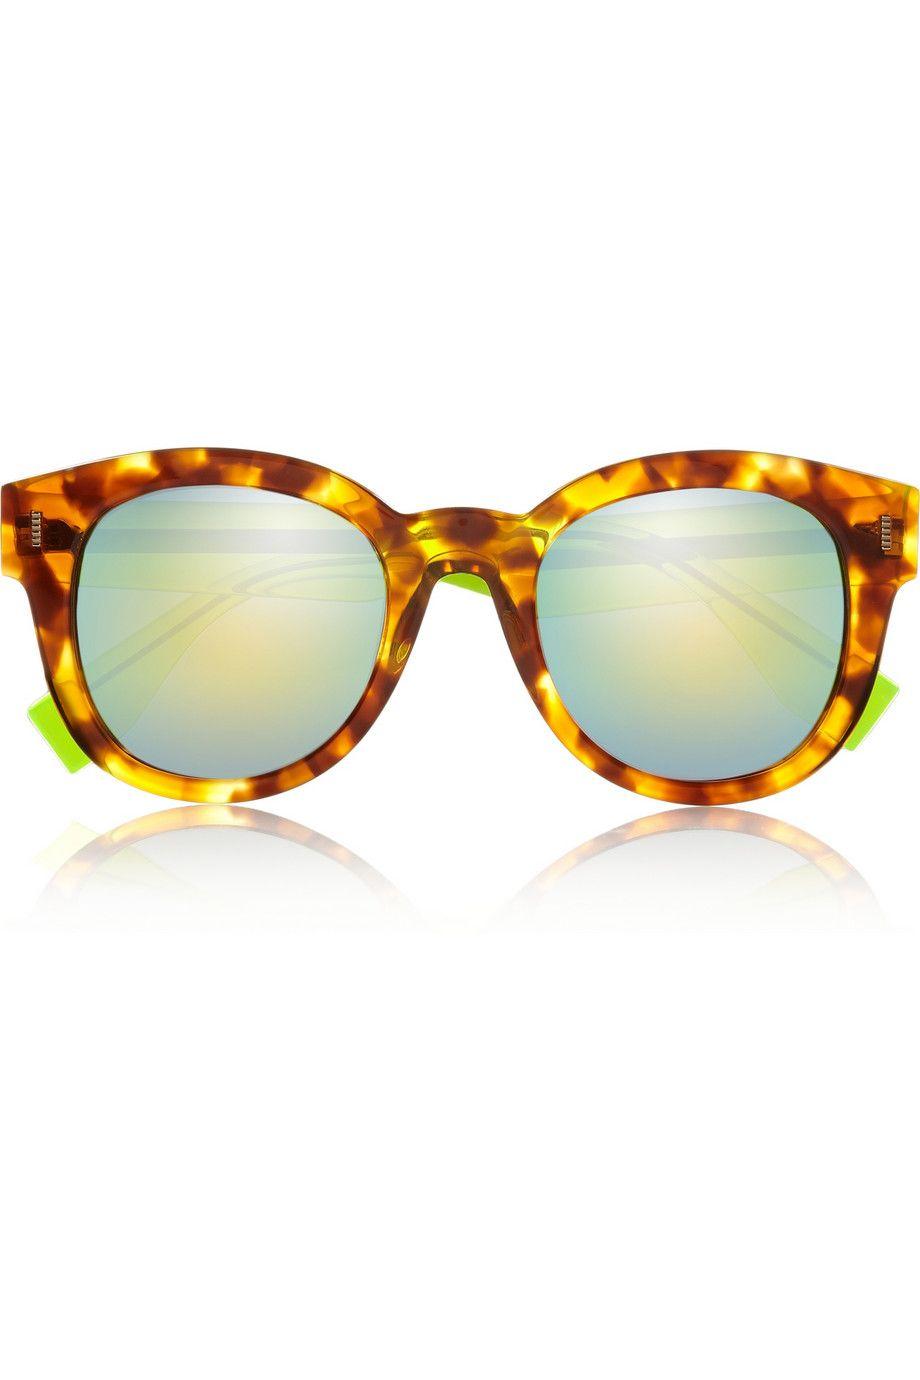 Fendi | D-frame acetate mirrored sunglasses | NET-A-PORTER.COM ...